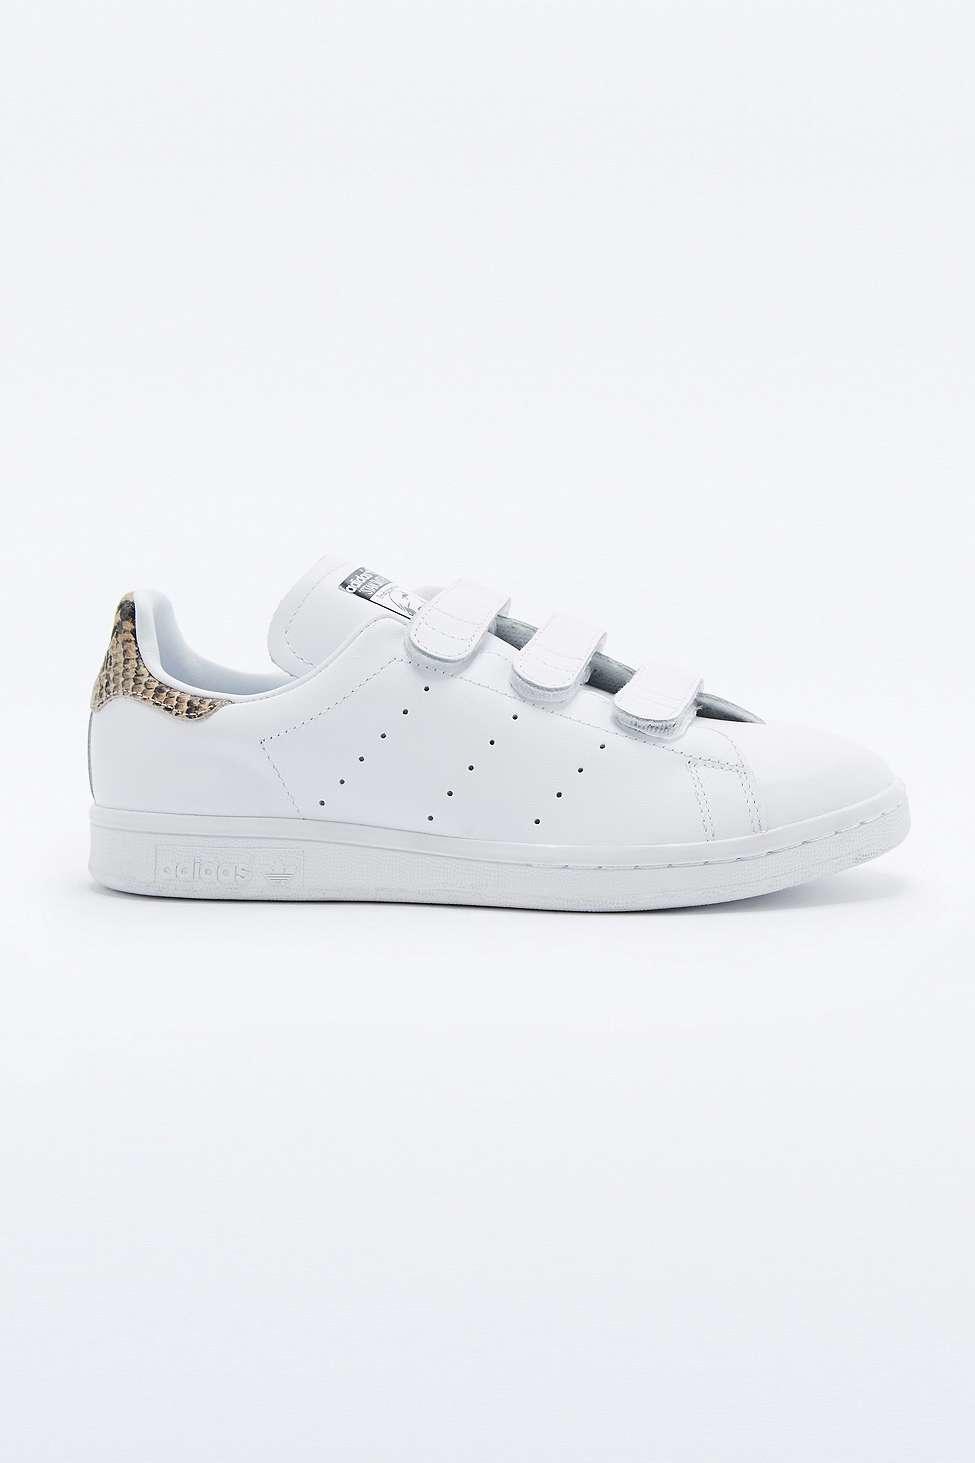 Adidas Stan Smith Cf Velcro